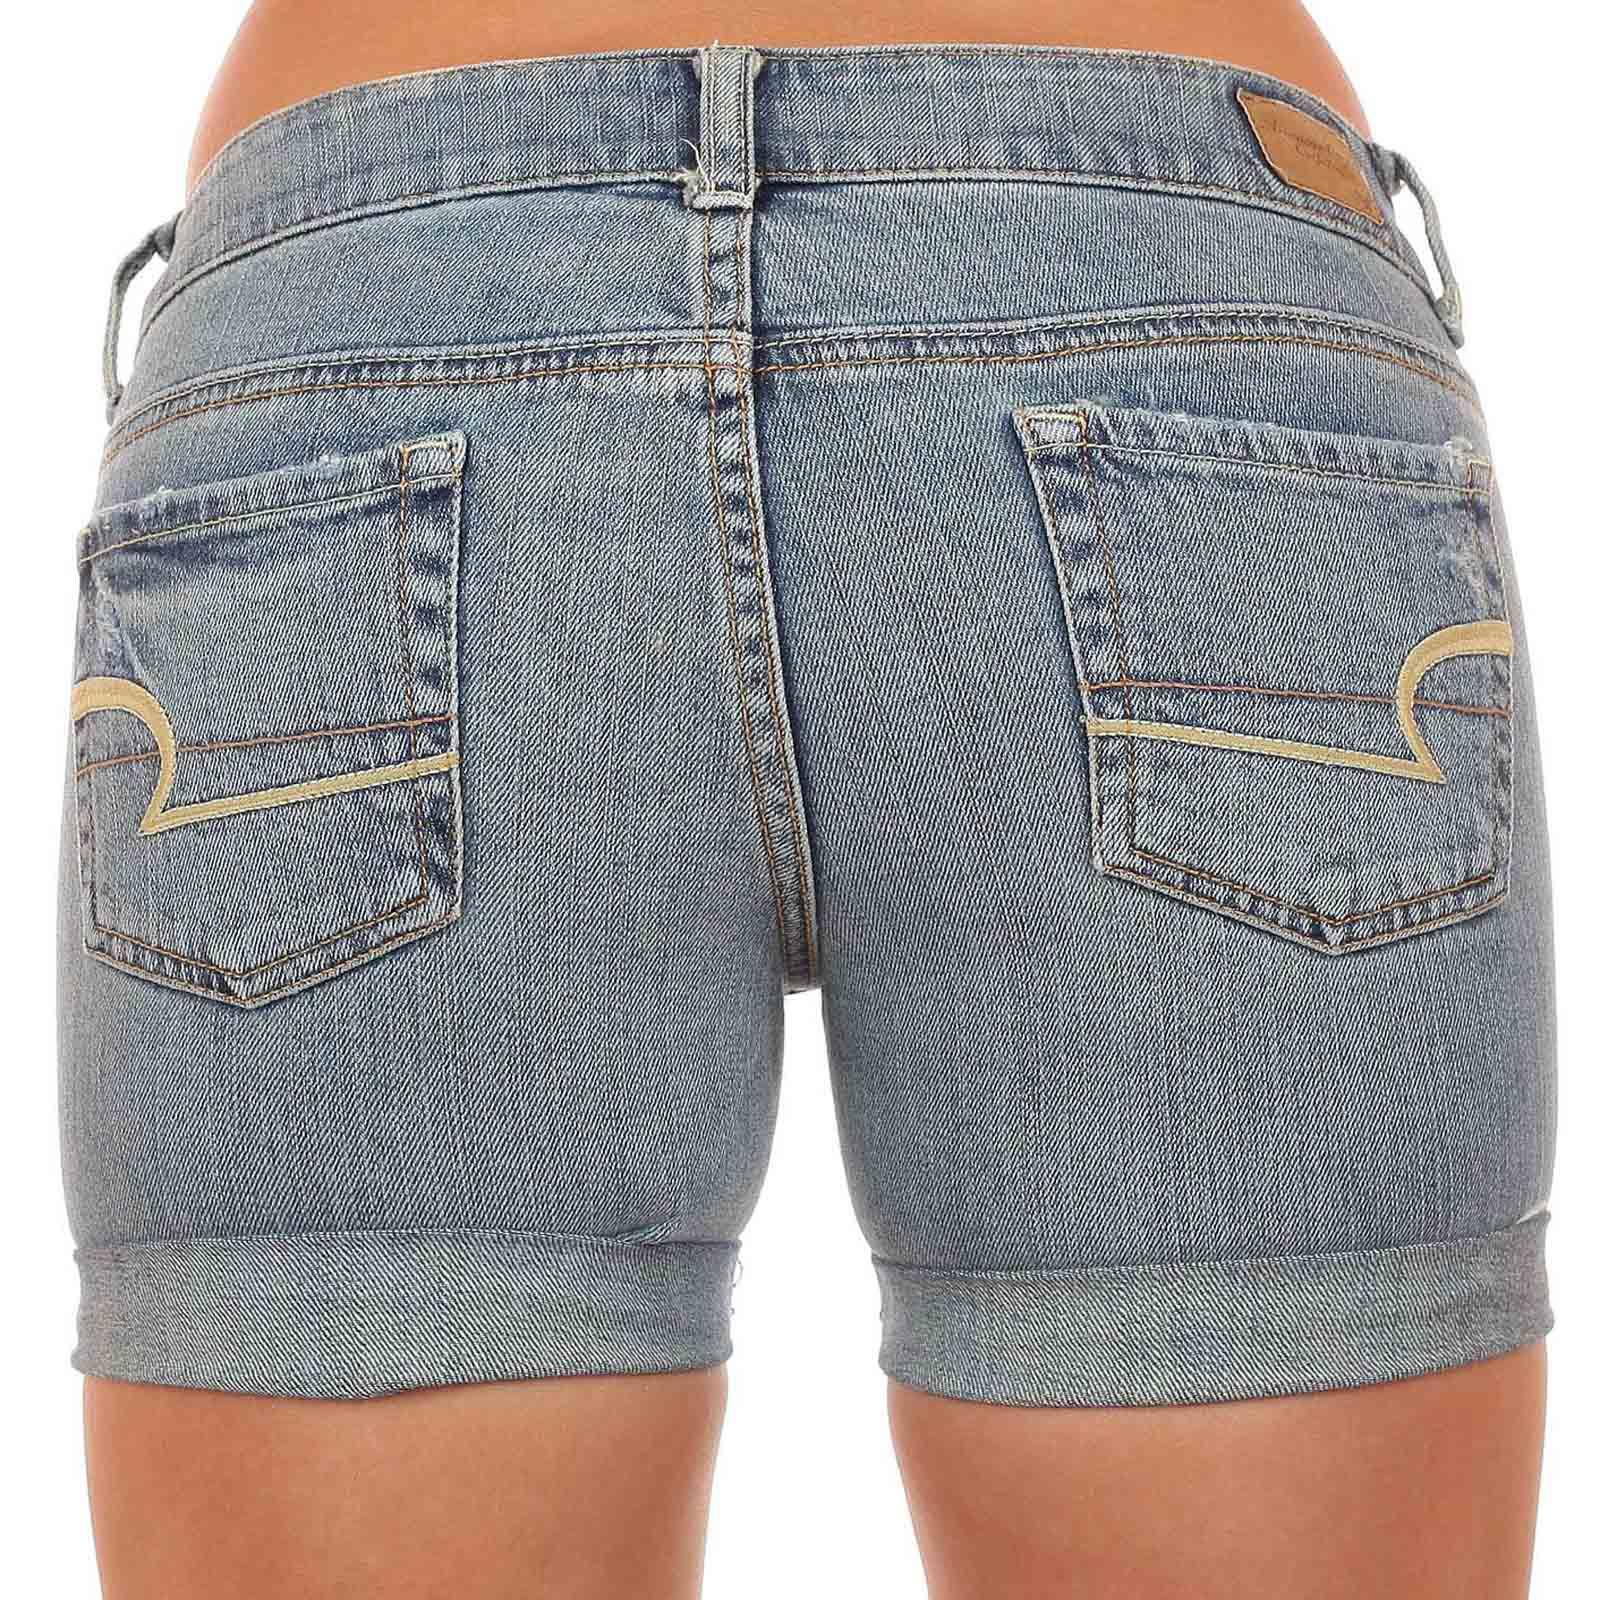 Заказать джинсовые шорты от American Eagle должны быть у каждой модницы